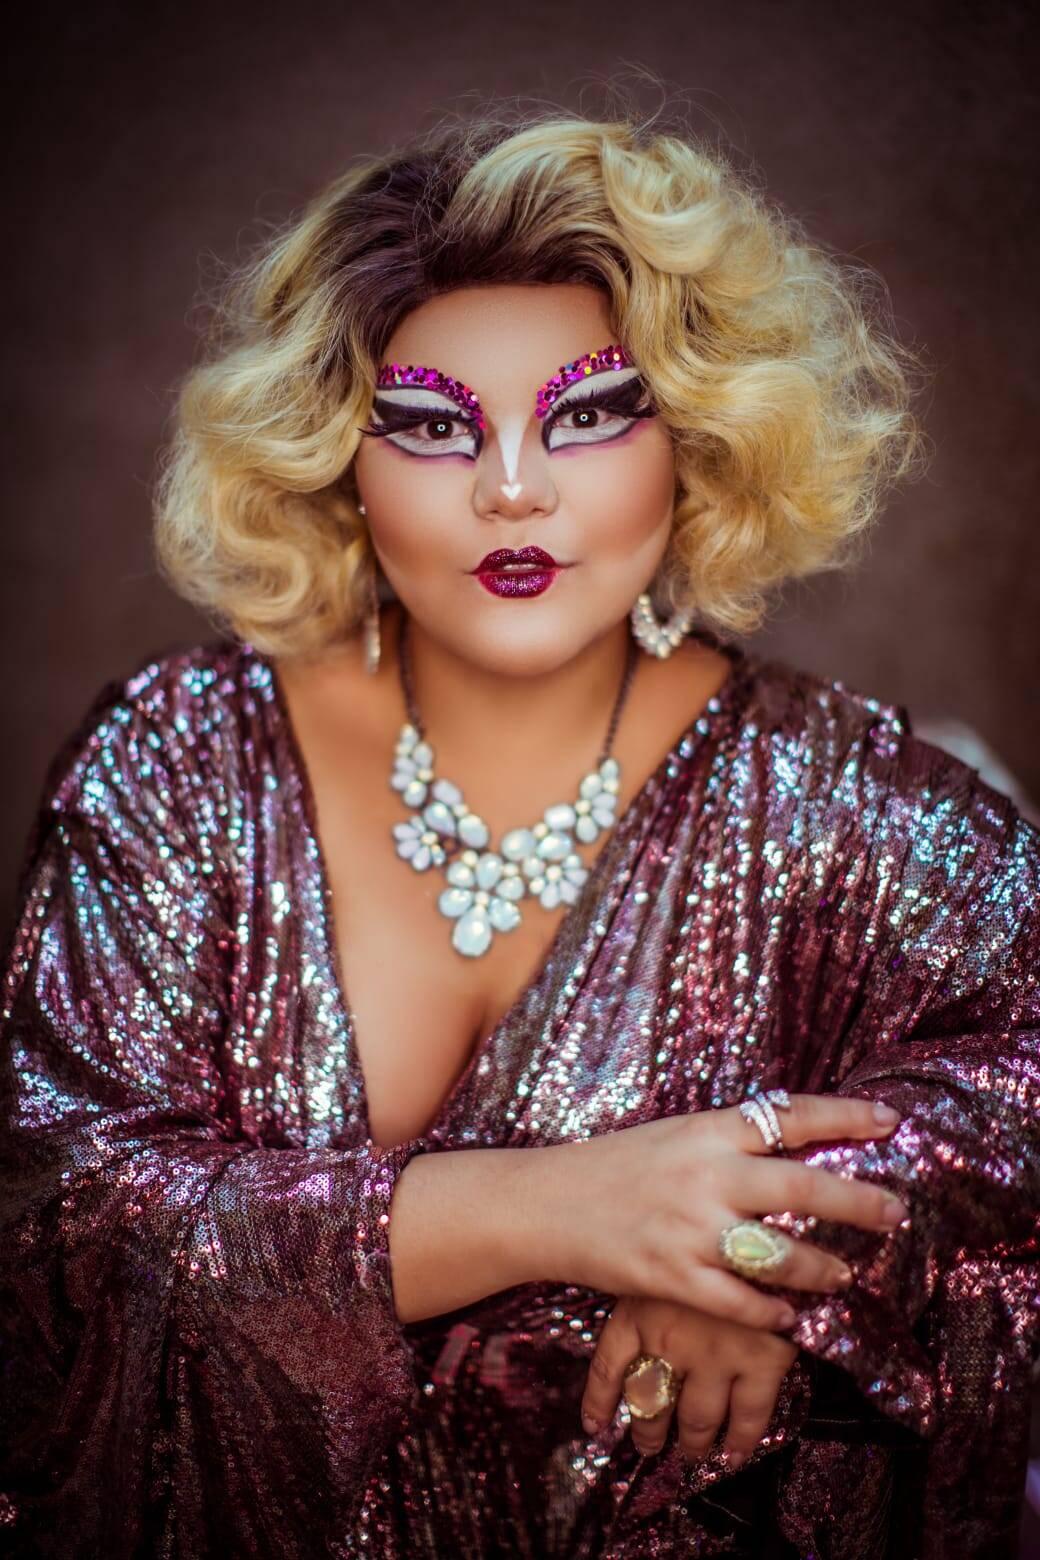 """""""A maquiagem drag em si foi feita para criar outro rosto"""", diz Ginger Moon. Foto: Acervo pessoal"""